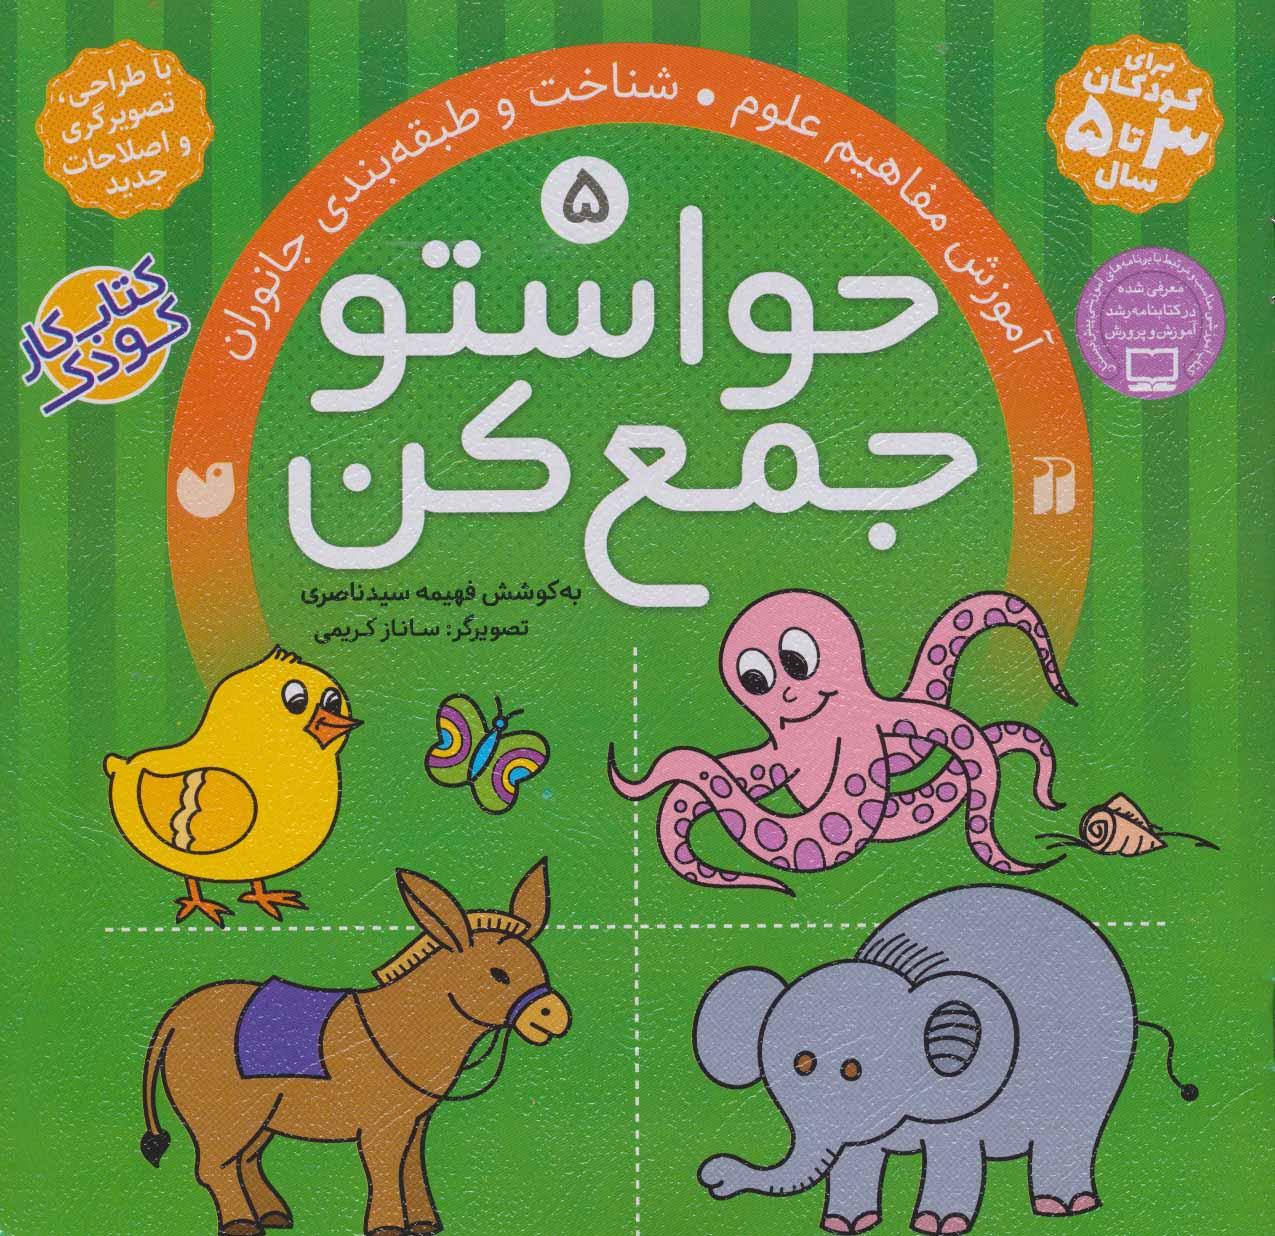 حواستو جمع کن 5 (آموزش مفاهیم علوم،شناخت و طبقه بندی جانوران)